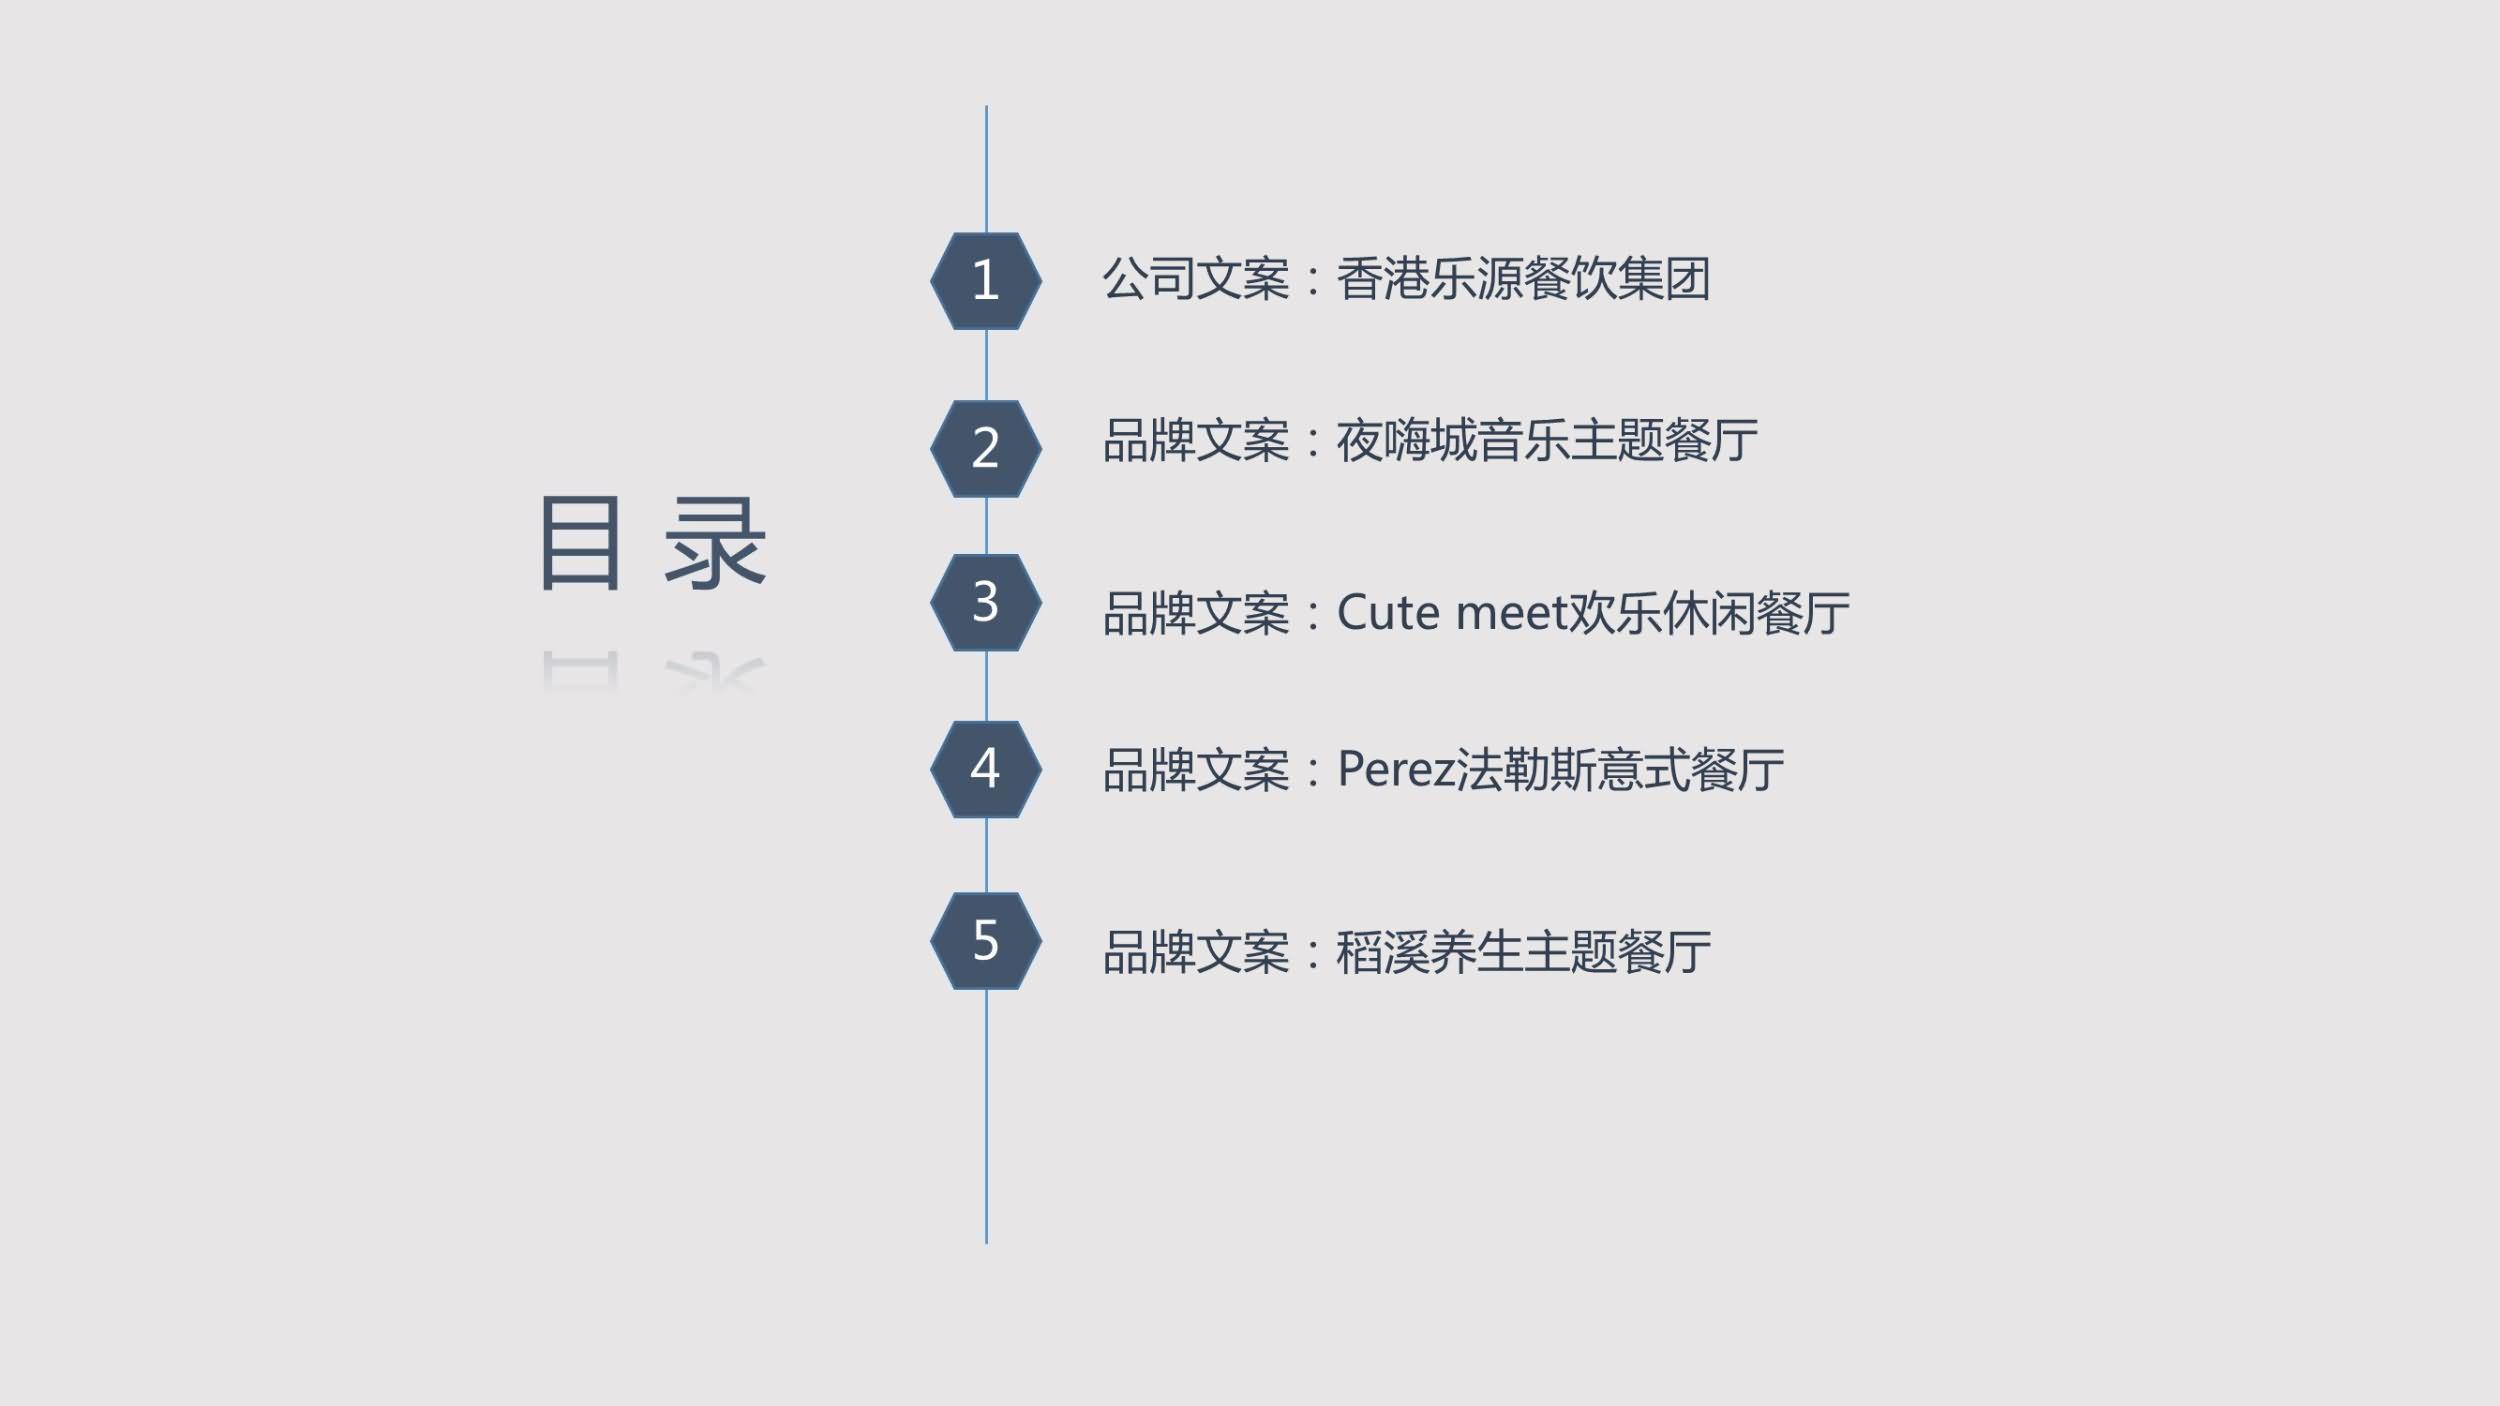 香港乐源餐饮集团有限公司2